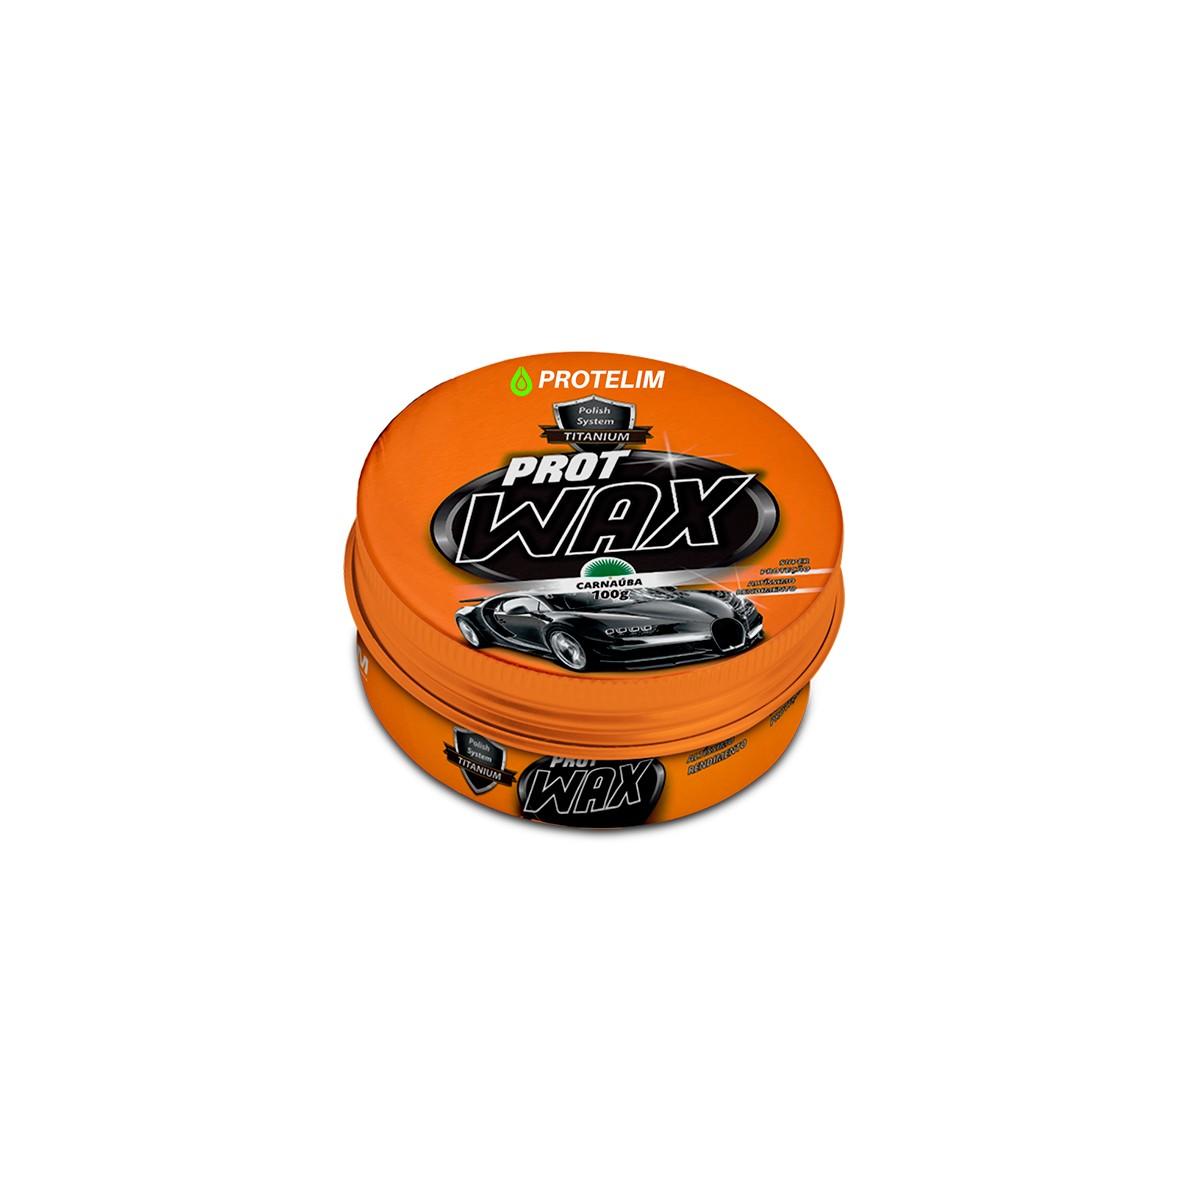 Cera de Proteção Prot Wax 100gr - Protelim